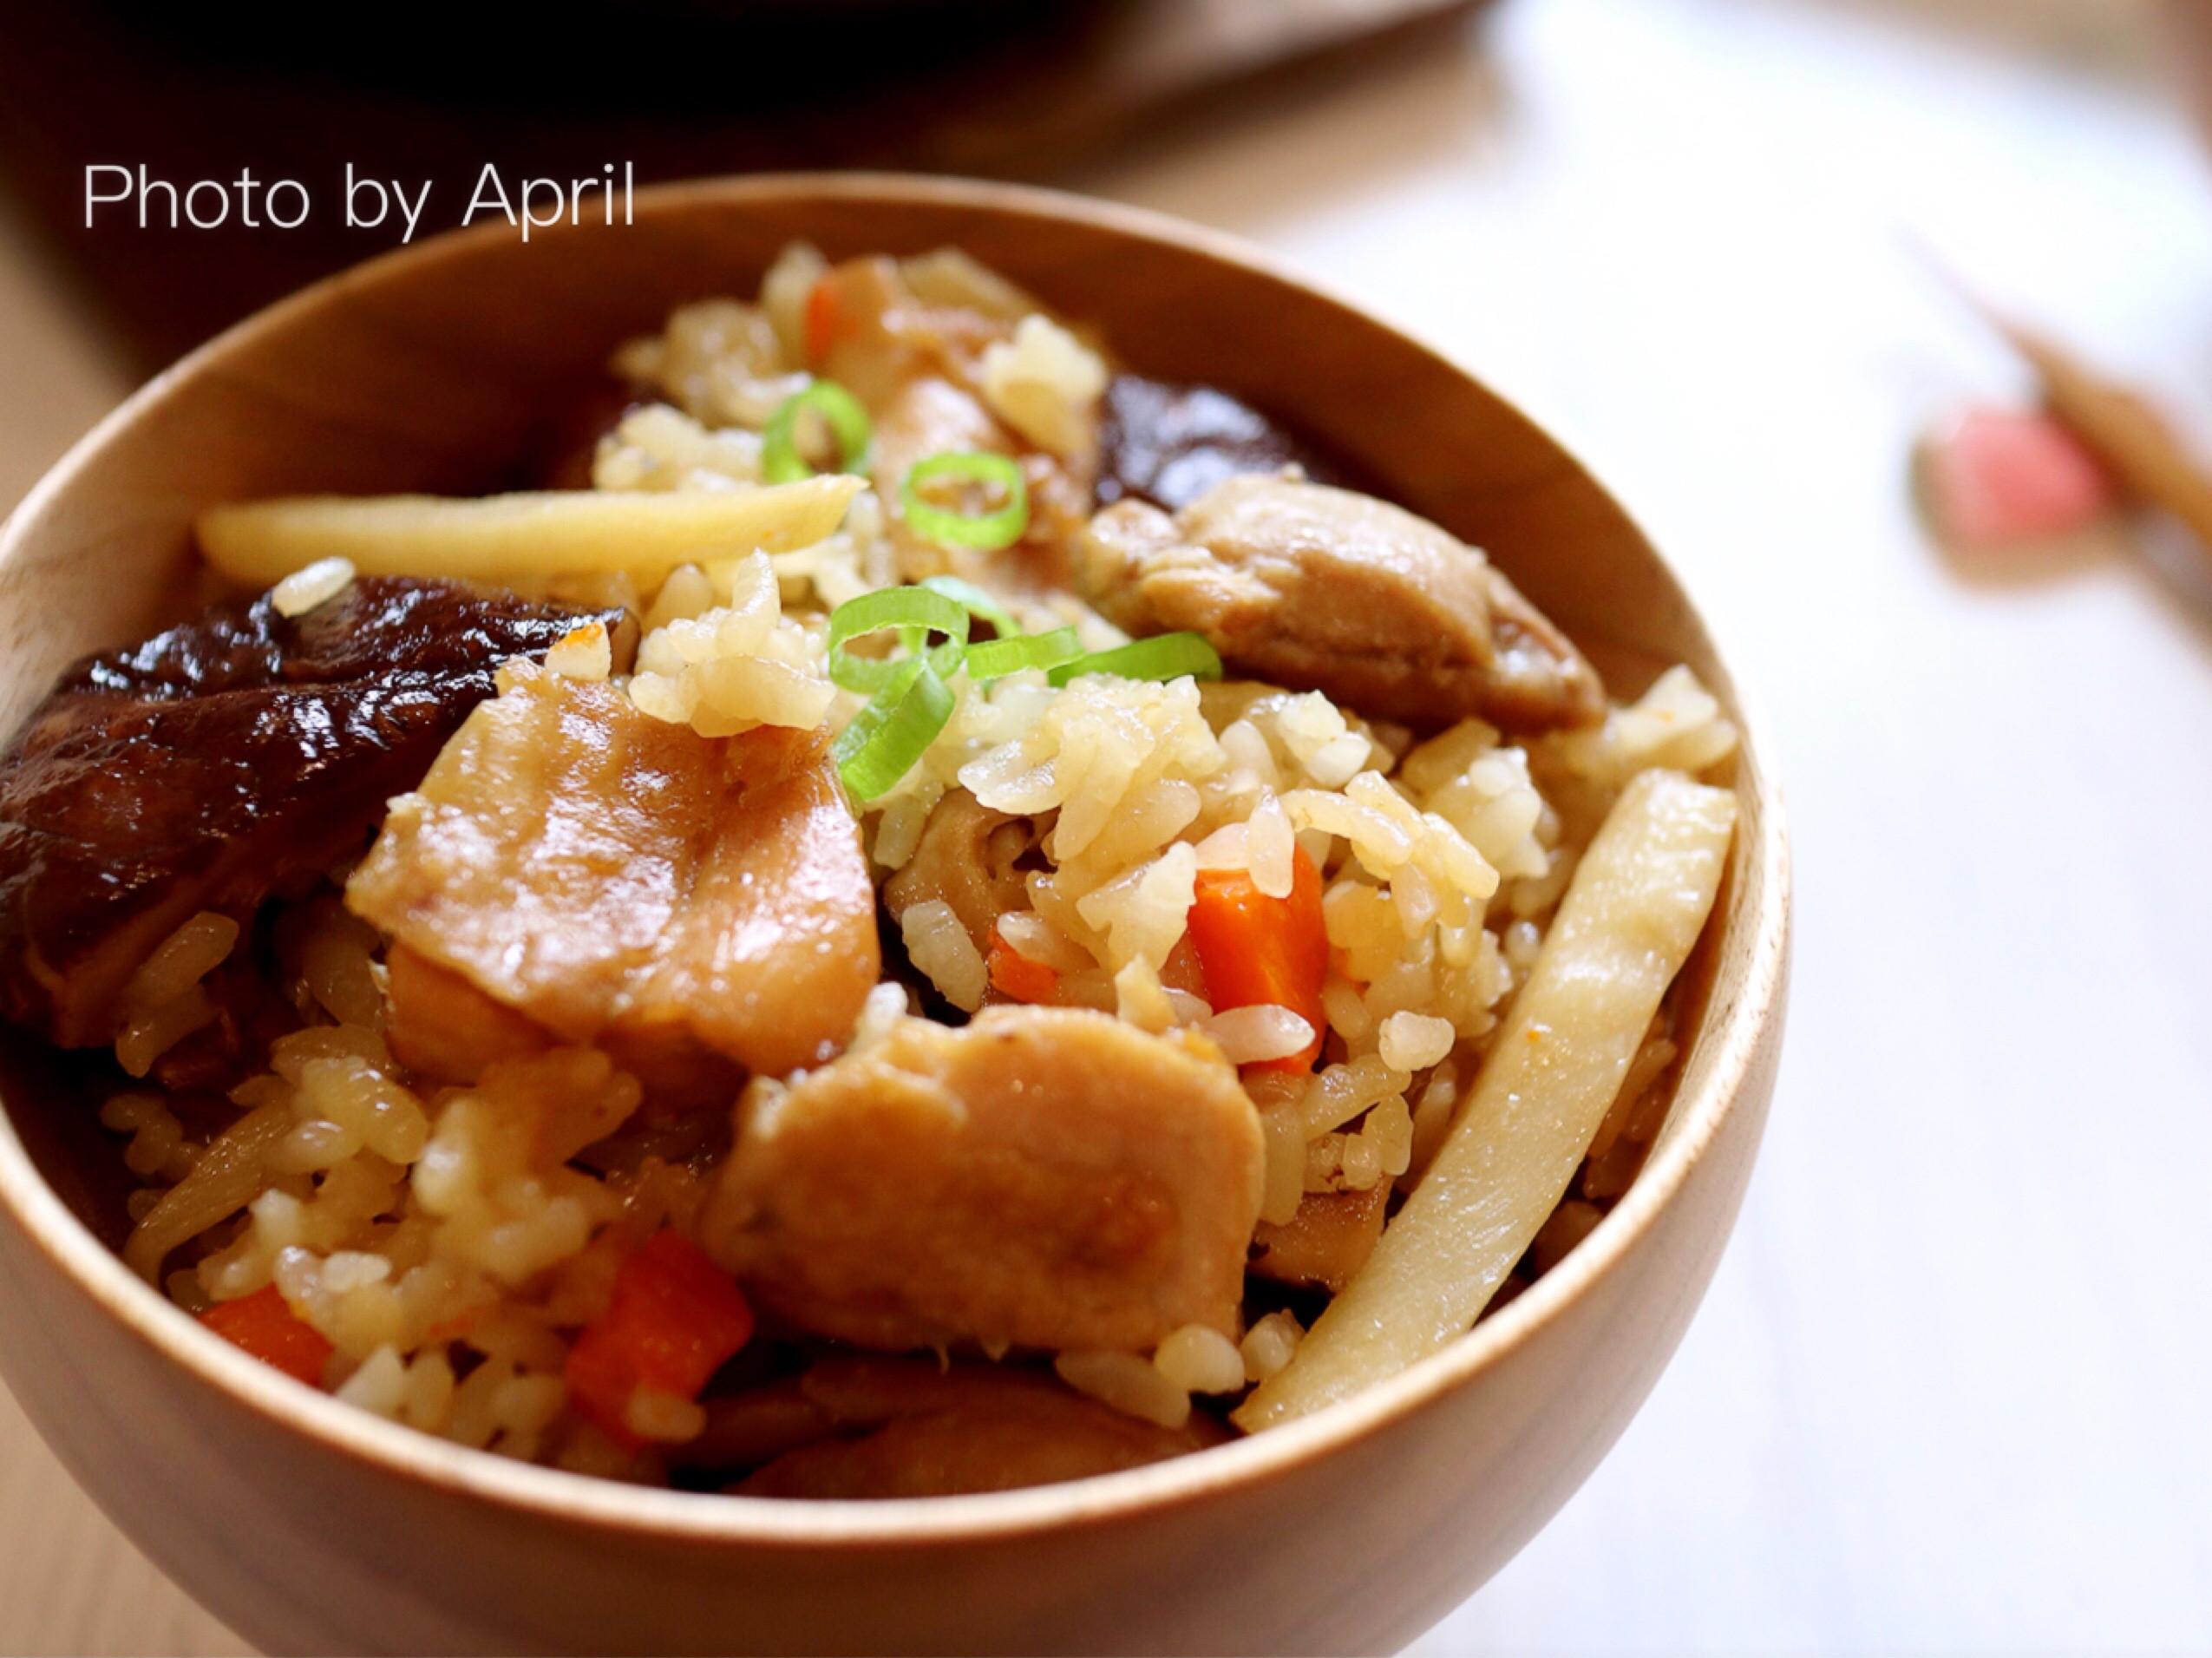 竹筍香菇雞肉燜飯 電子鍋輕鬆煮